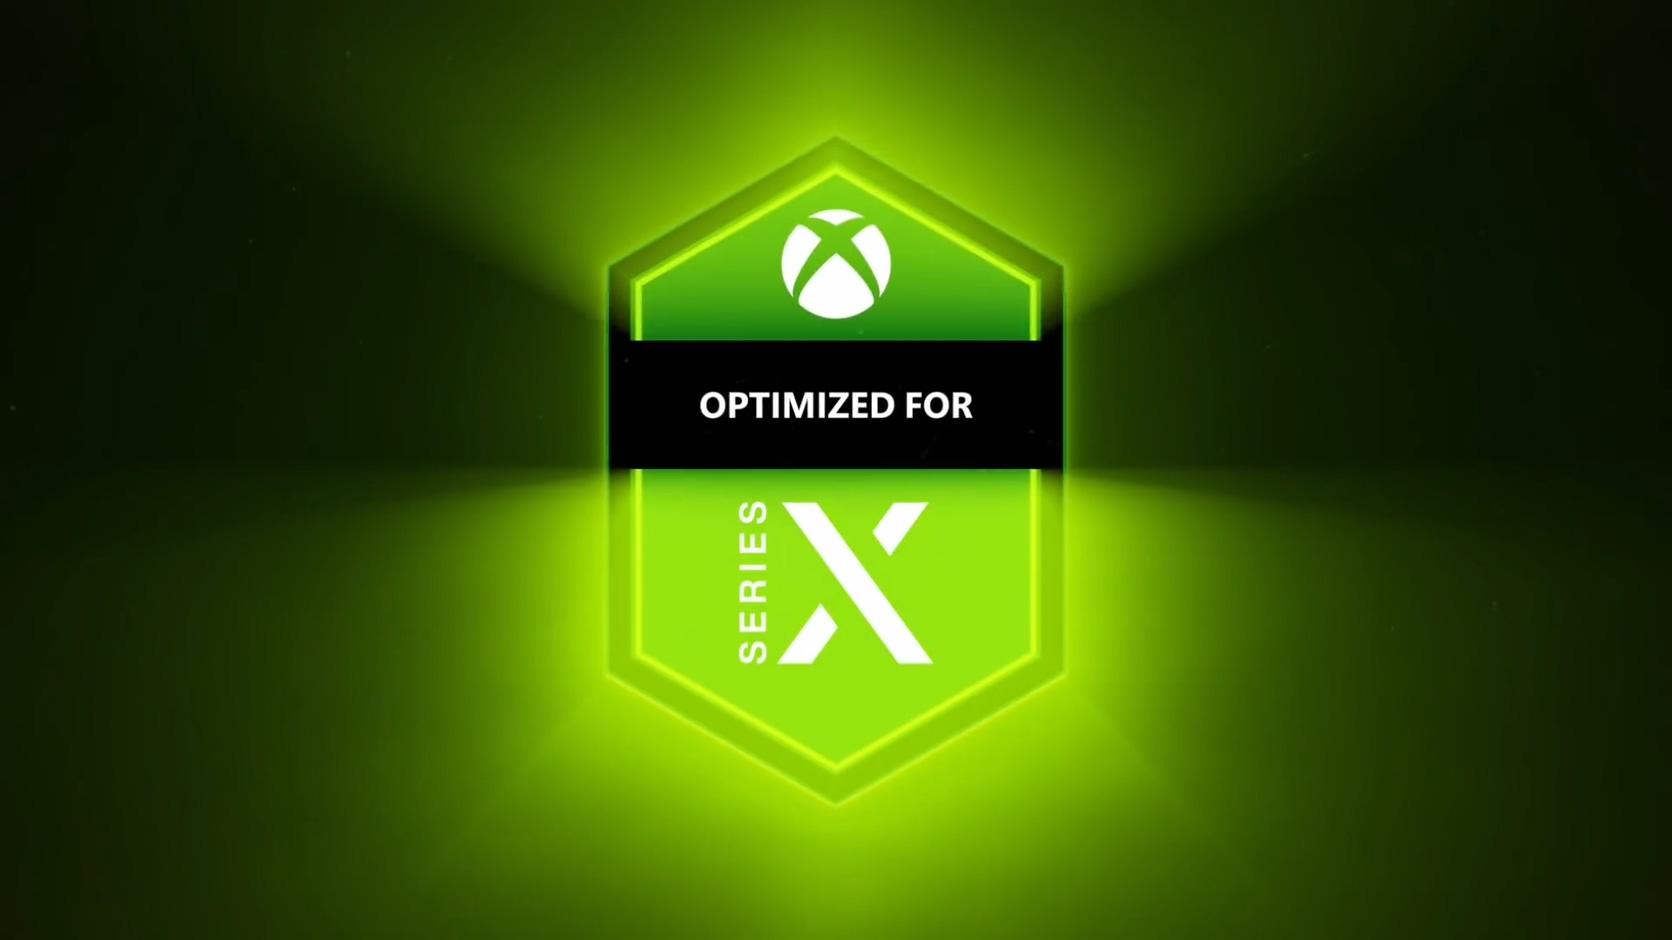 """""""为XSX优化""""是什么概念?这段预告片将为你展示"""